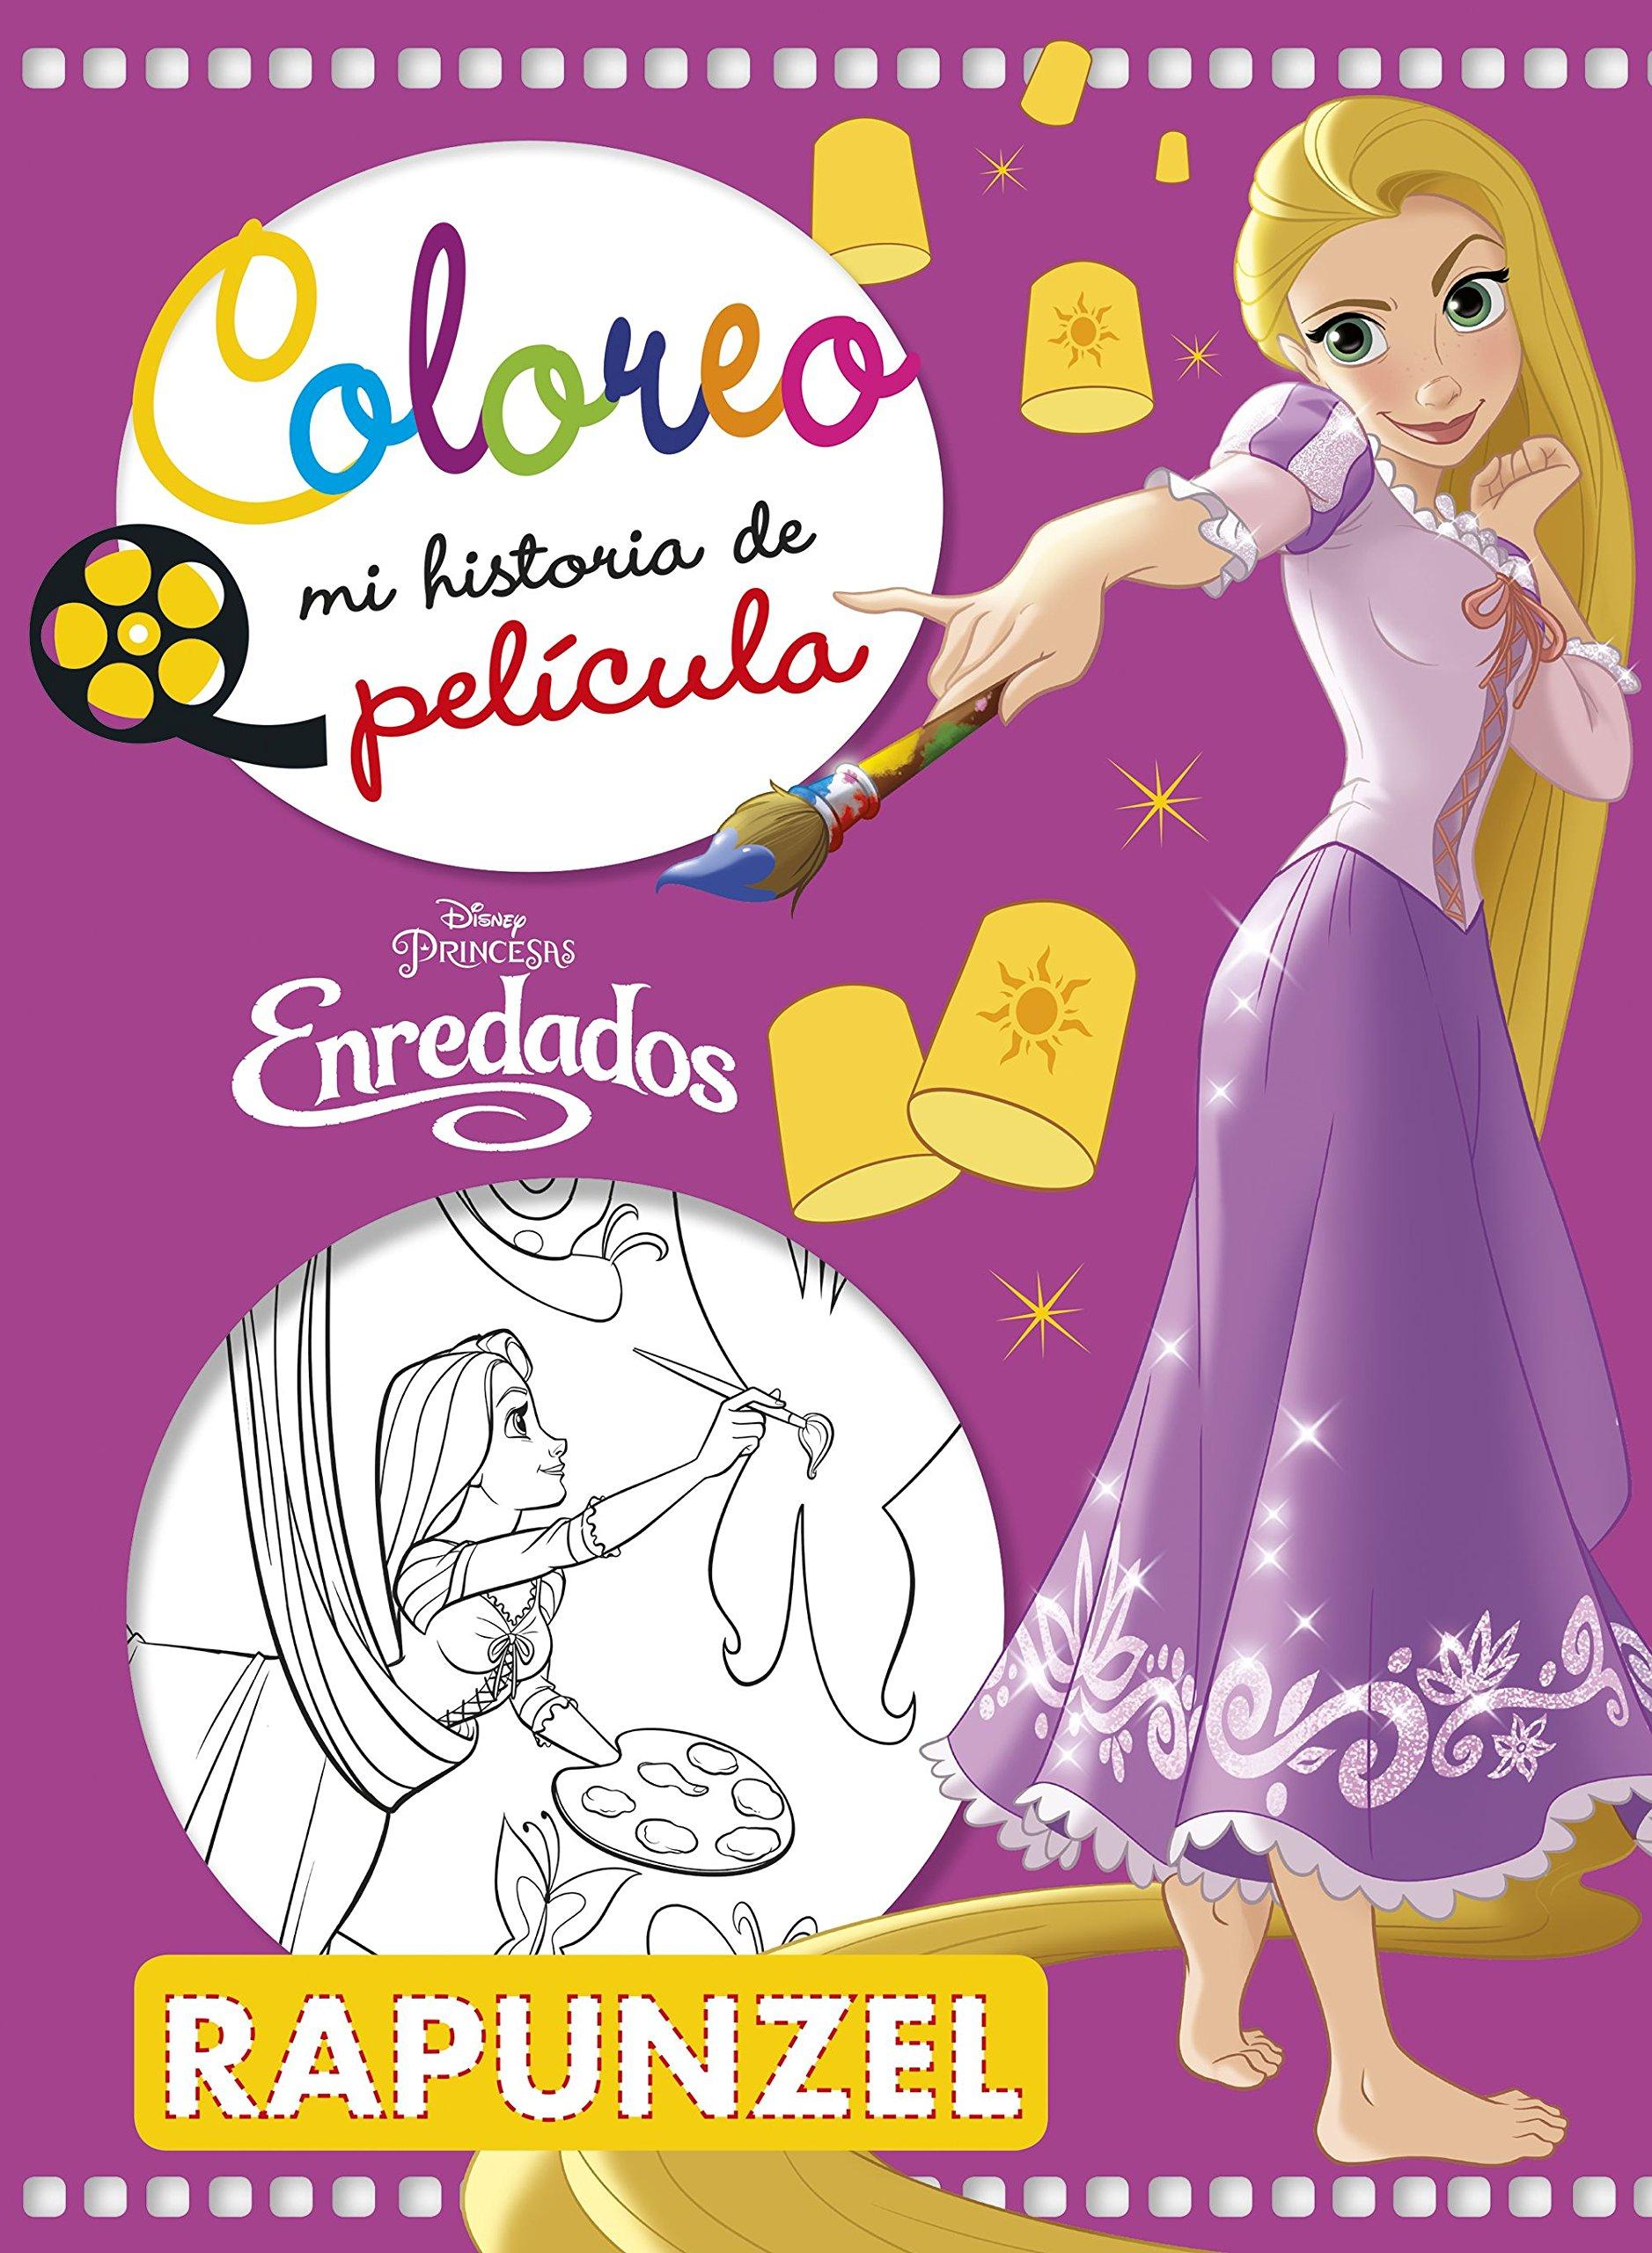 Enredados. Coloreo mi historia de película Disney. Enredados ...